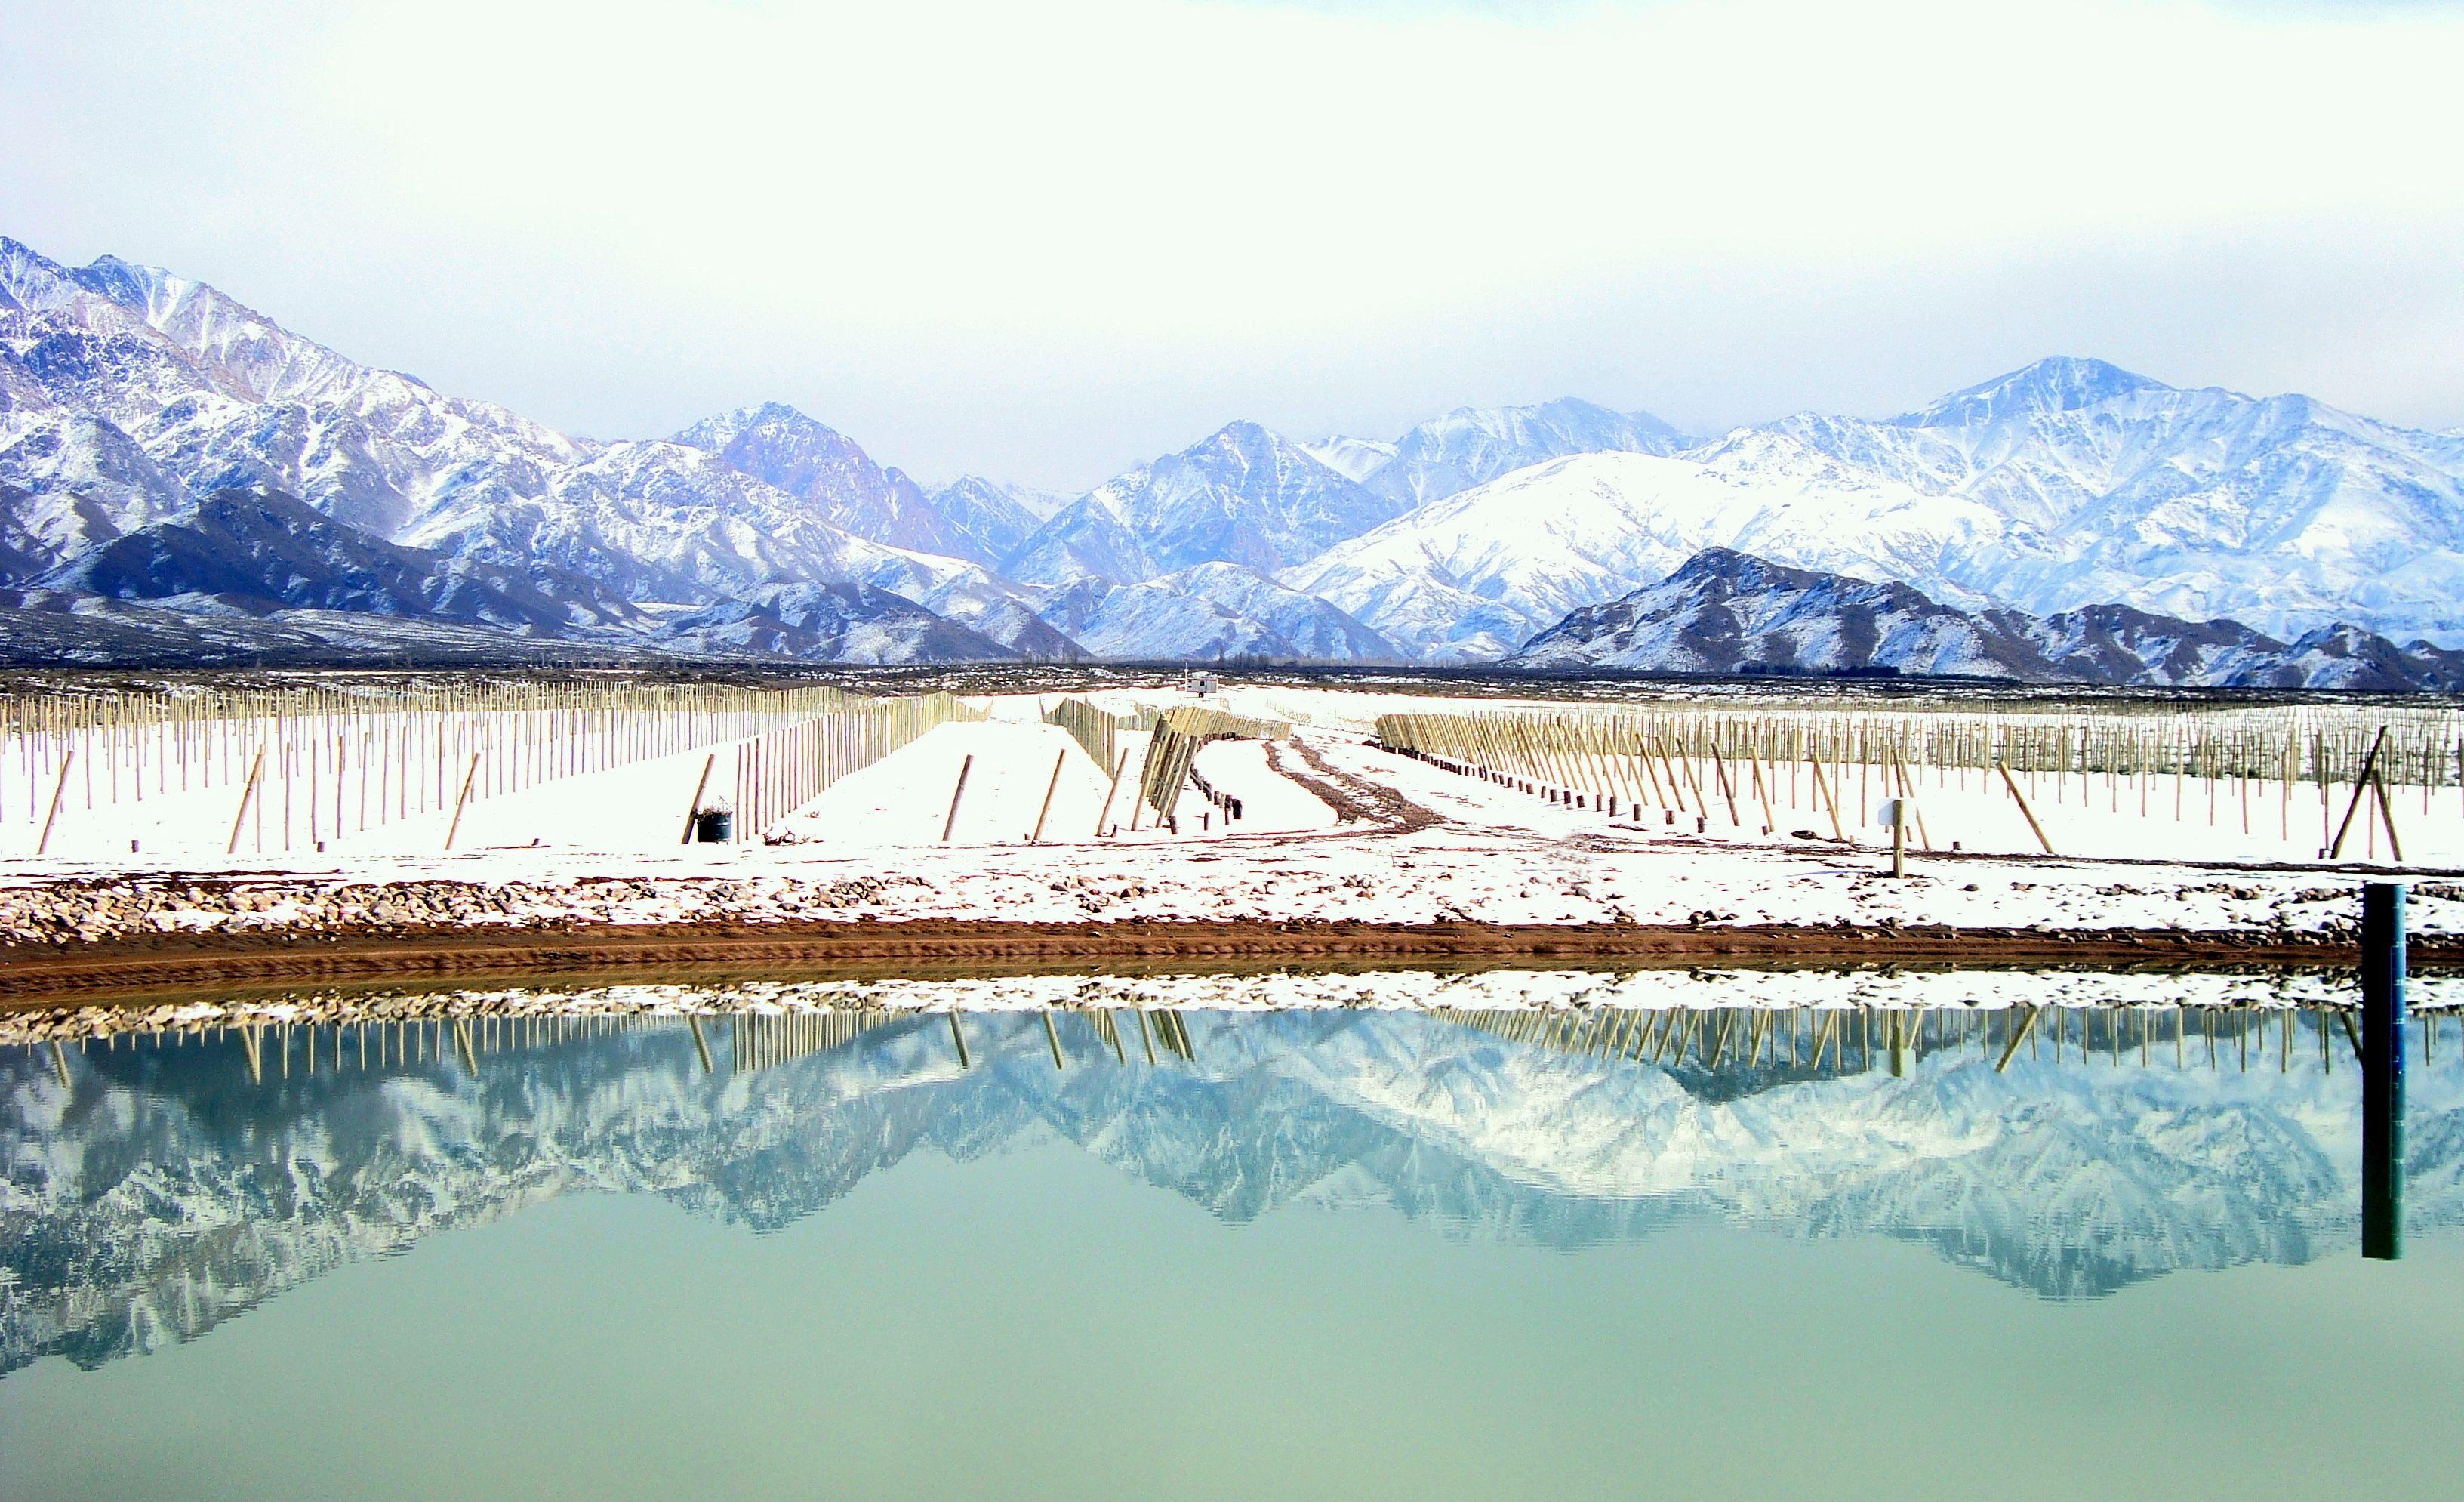 The Vineyards In The Winter Casa De Uco Mendoza Argentina  # Muebles Cuyanos